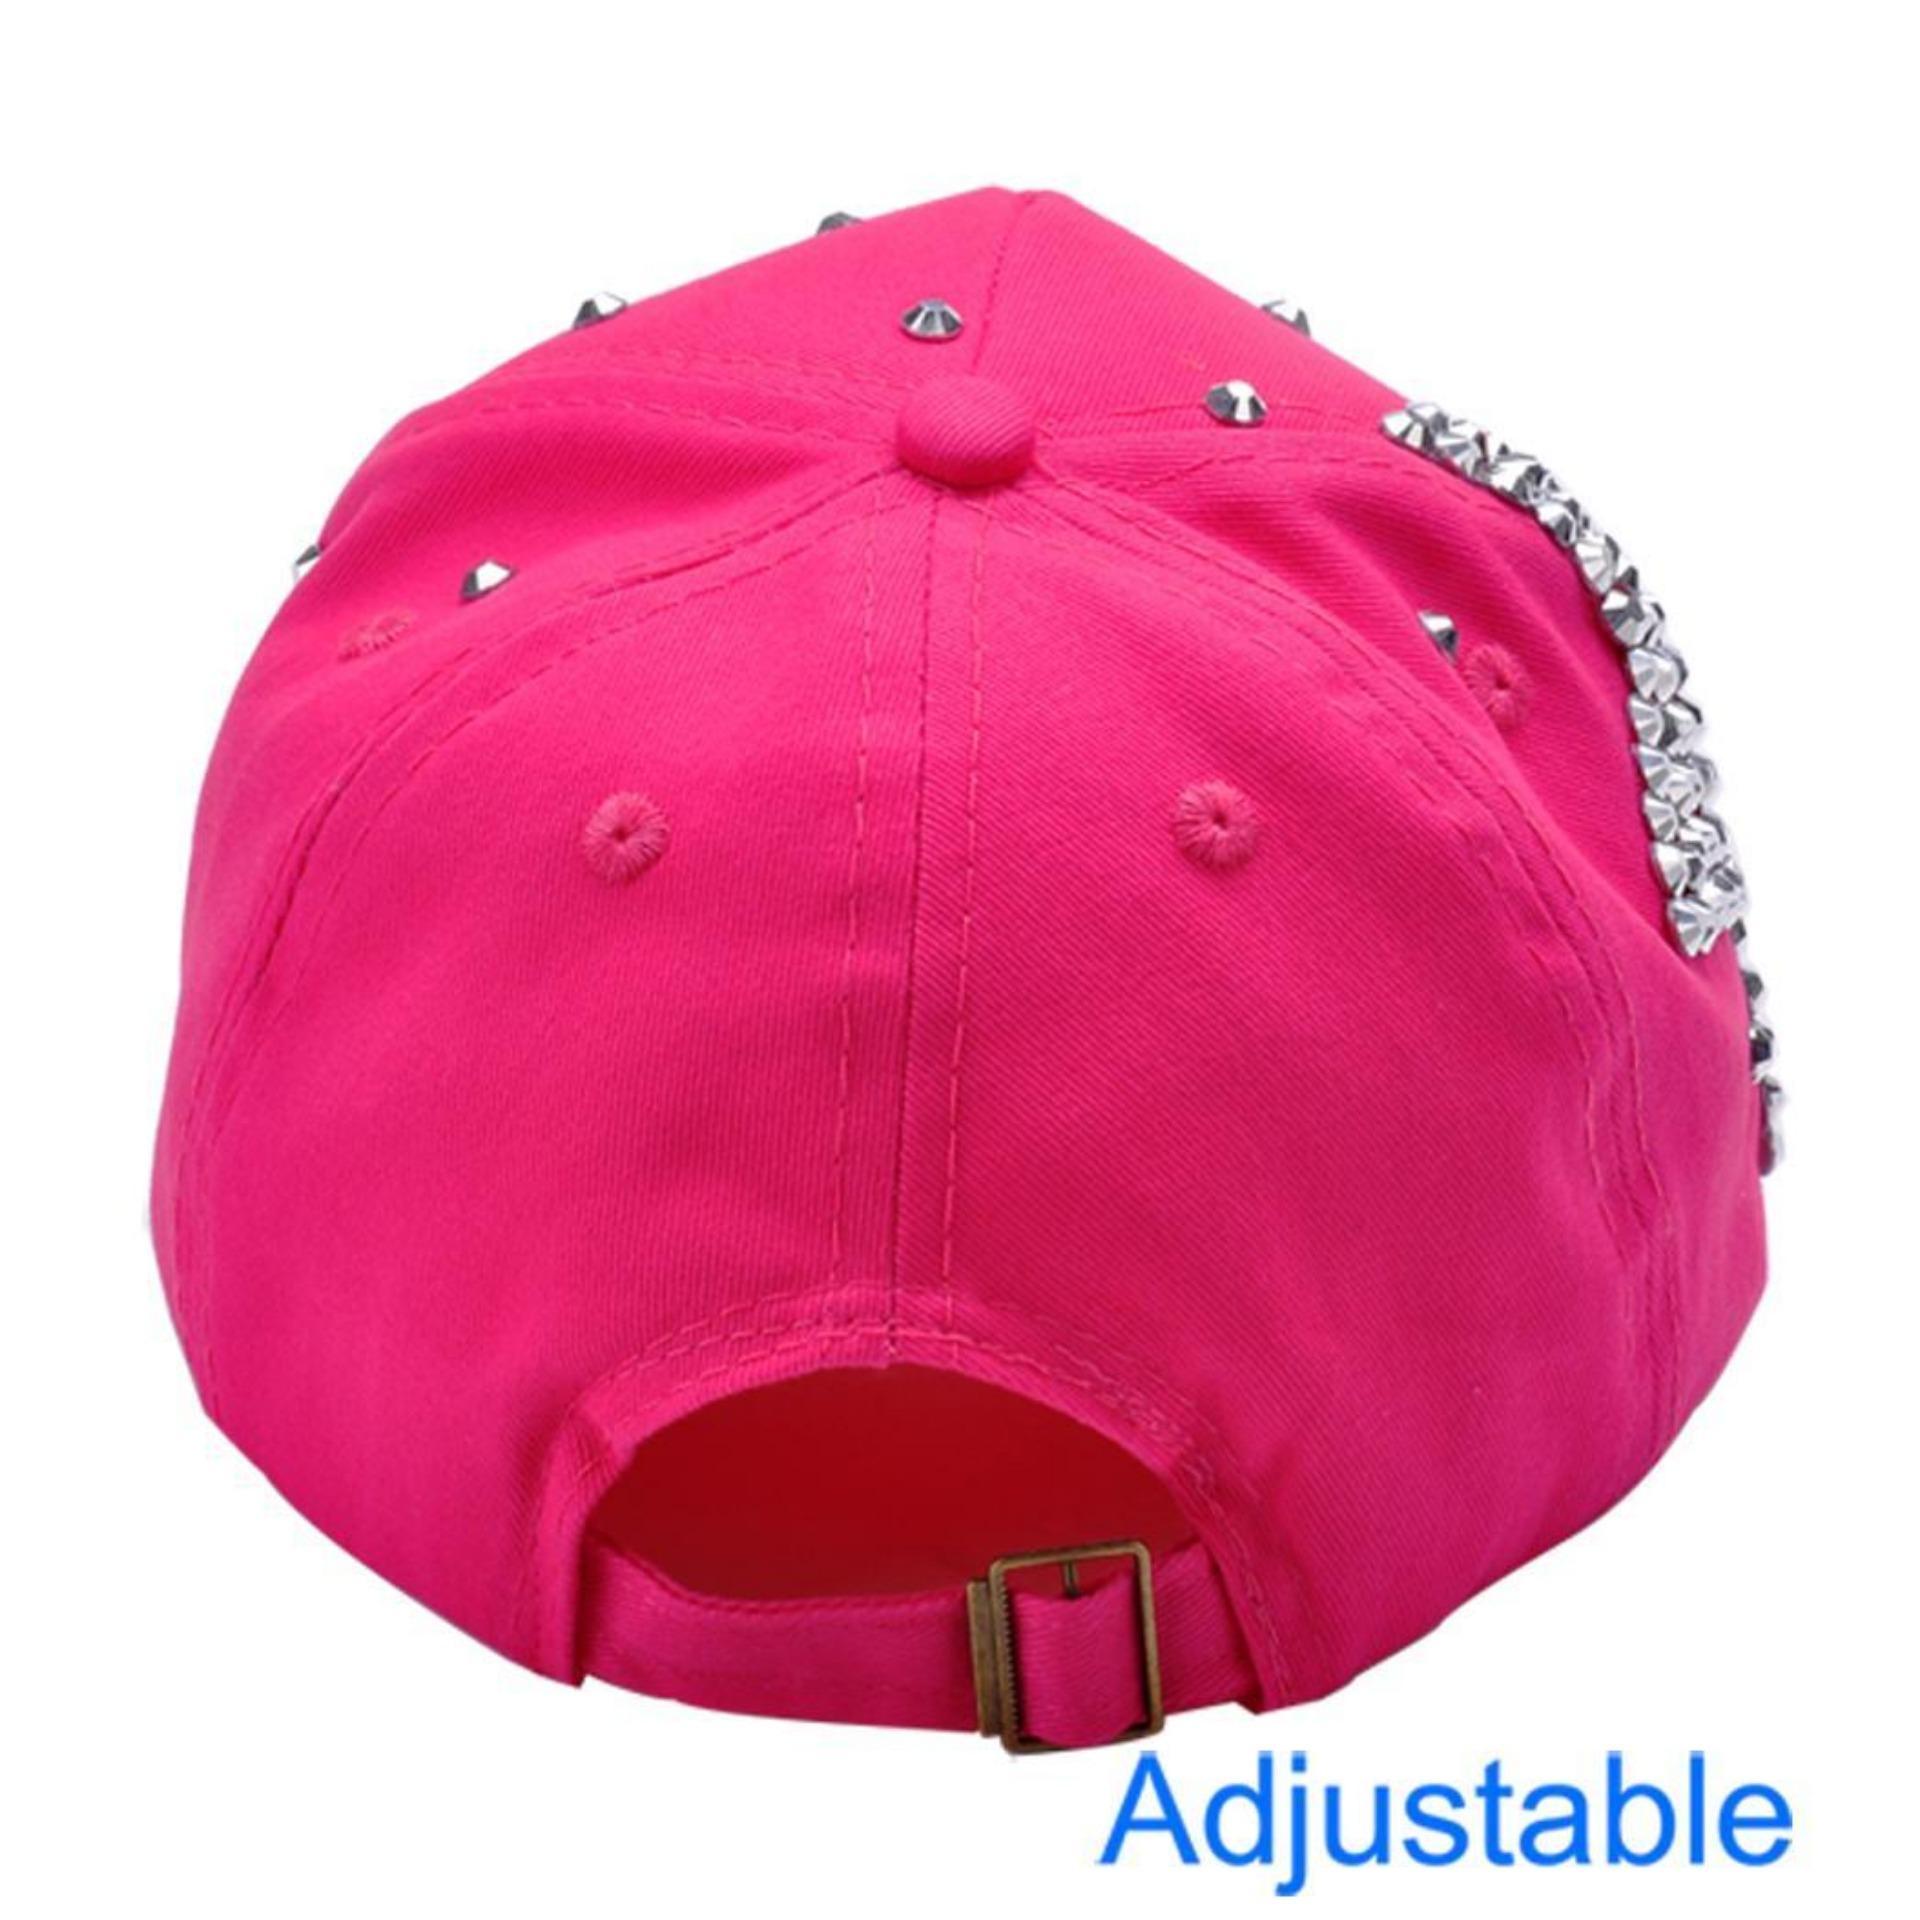 Gadis Manis Anak Topi Baseball Berwarna Merah Muda Source Toprank Topi bisbol hiasan .